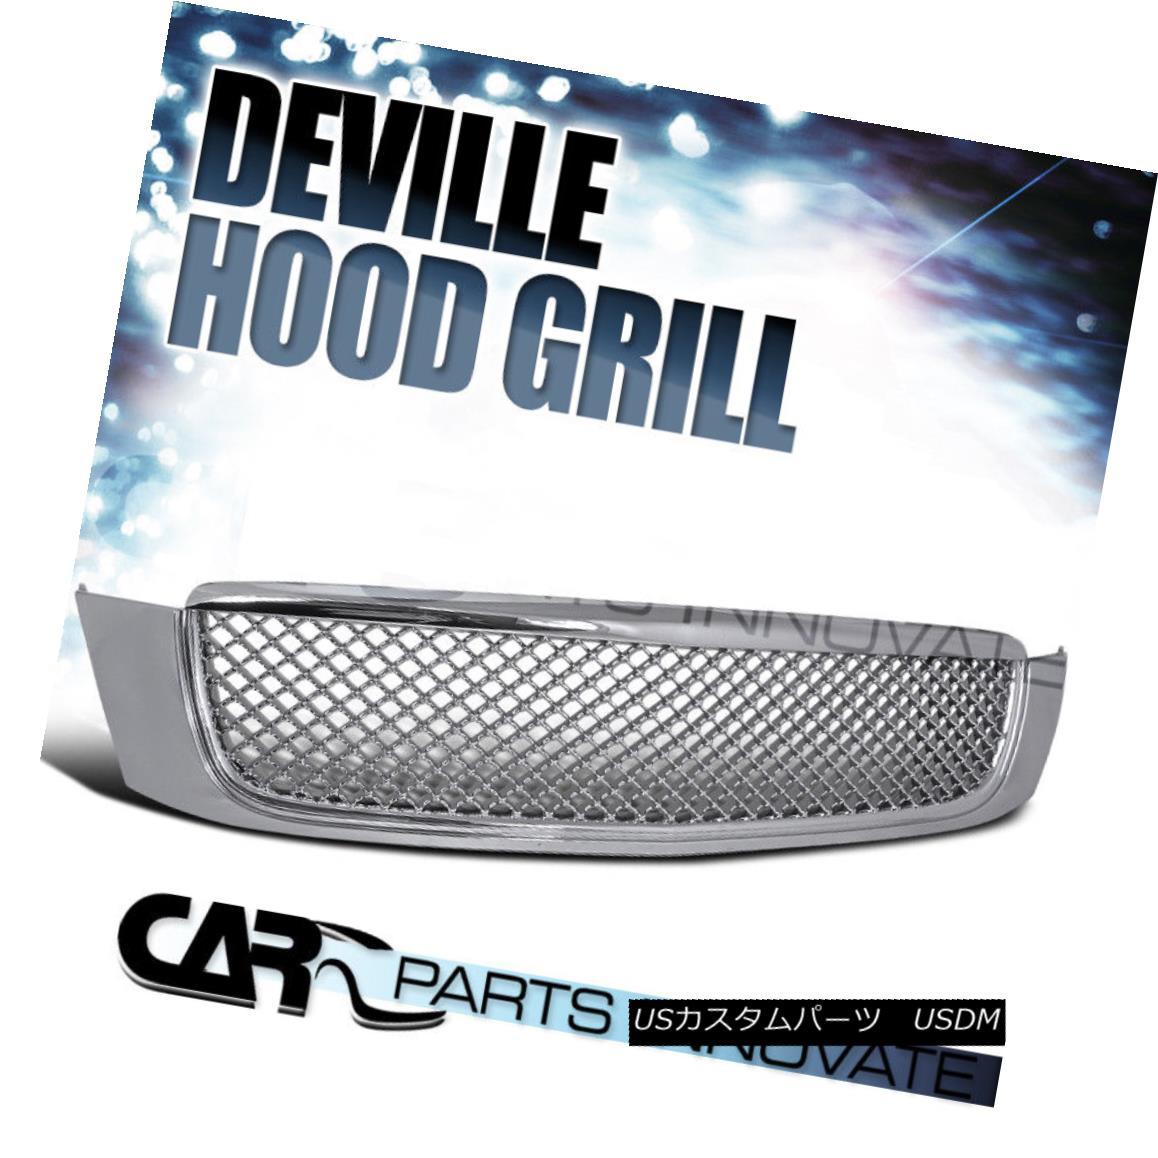 グリル Cadillac 00-05 DeVille Chrome Mesh Honeycomb ABS Front Hood Bumper Grille Grill キャデラック00-05 DeVilleクロームメッシュハニカムABSフロントフードバンパーグリルグリル